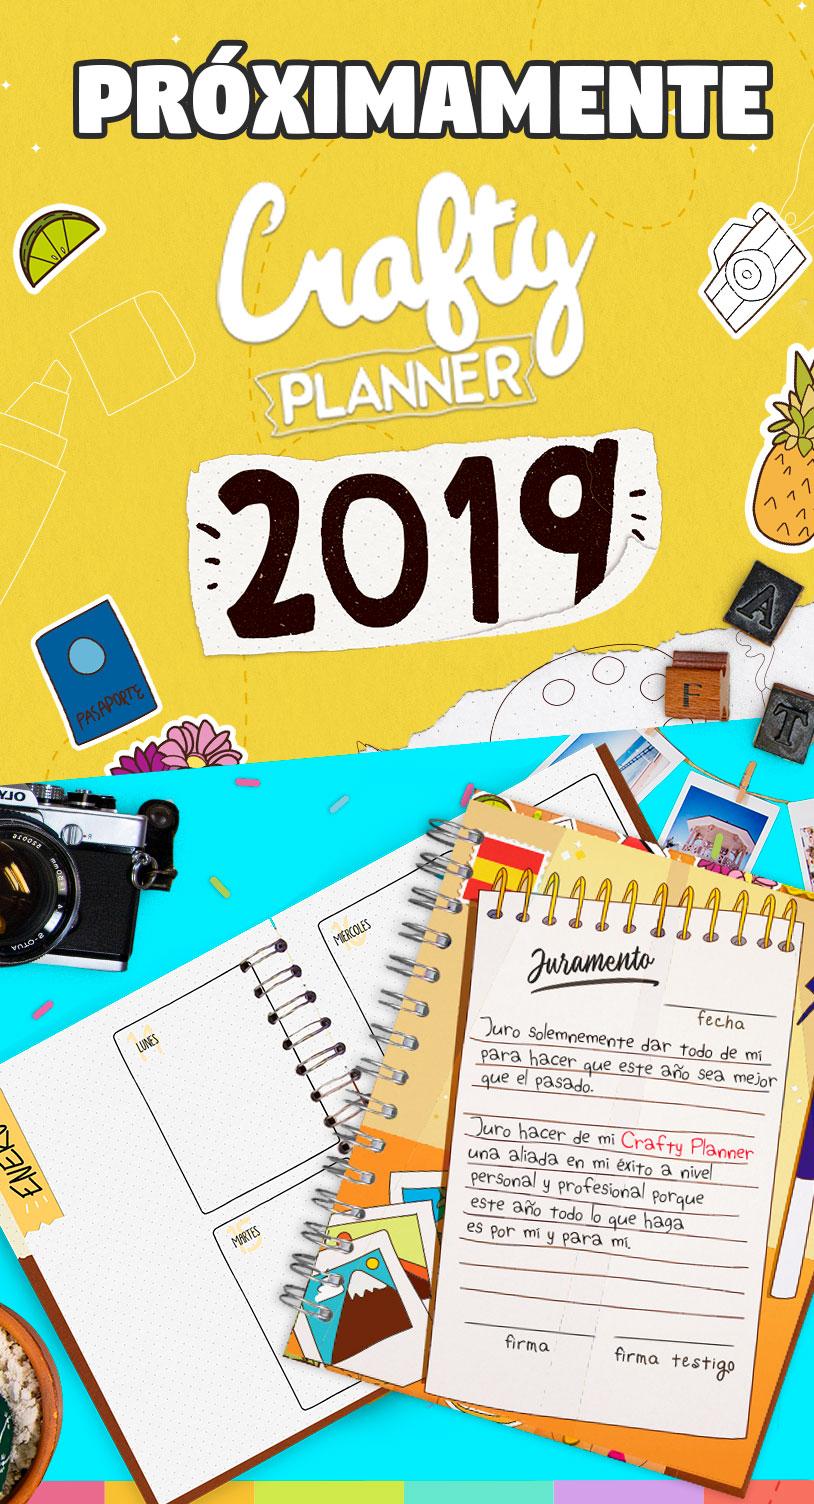 Próximamente Crafty Planner 2019